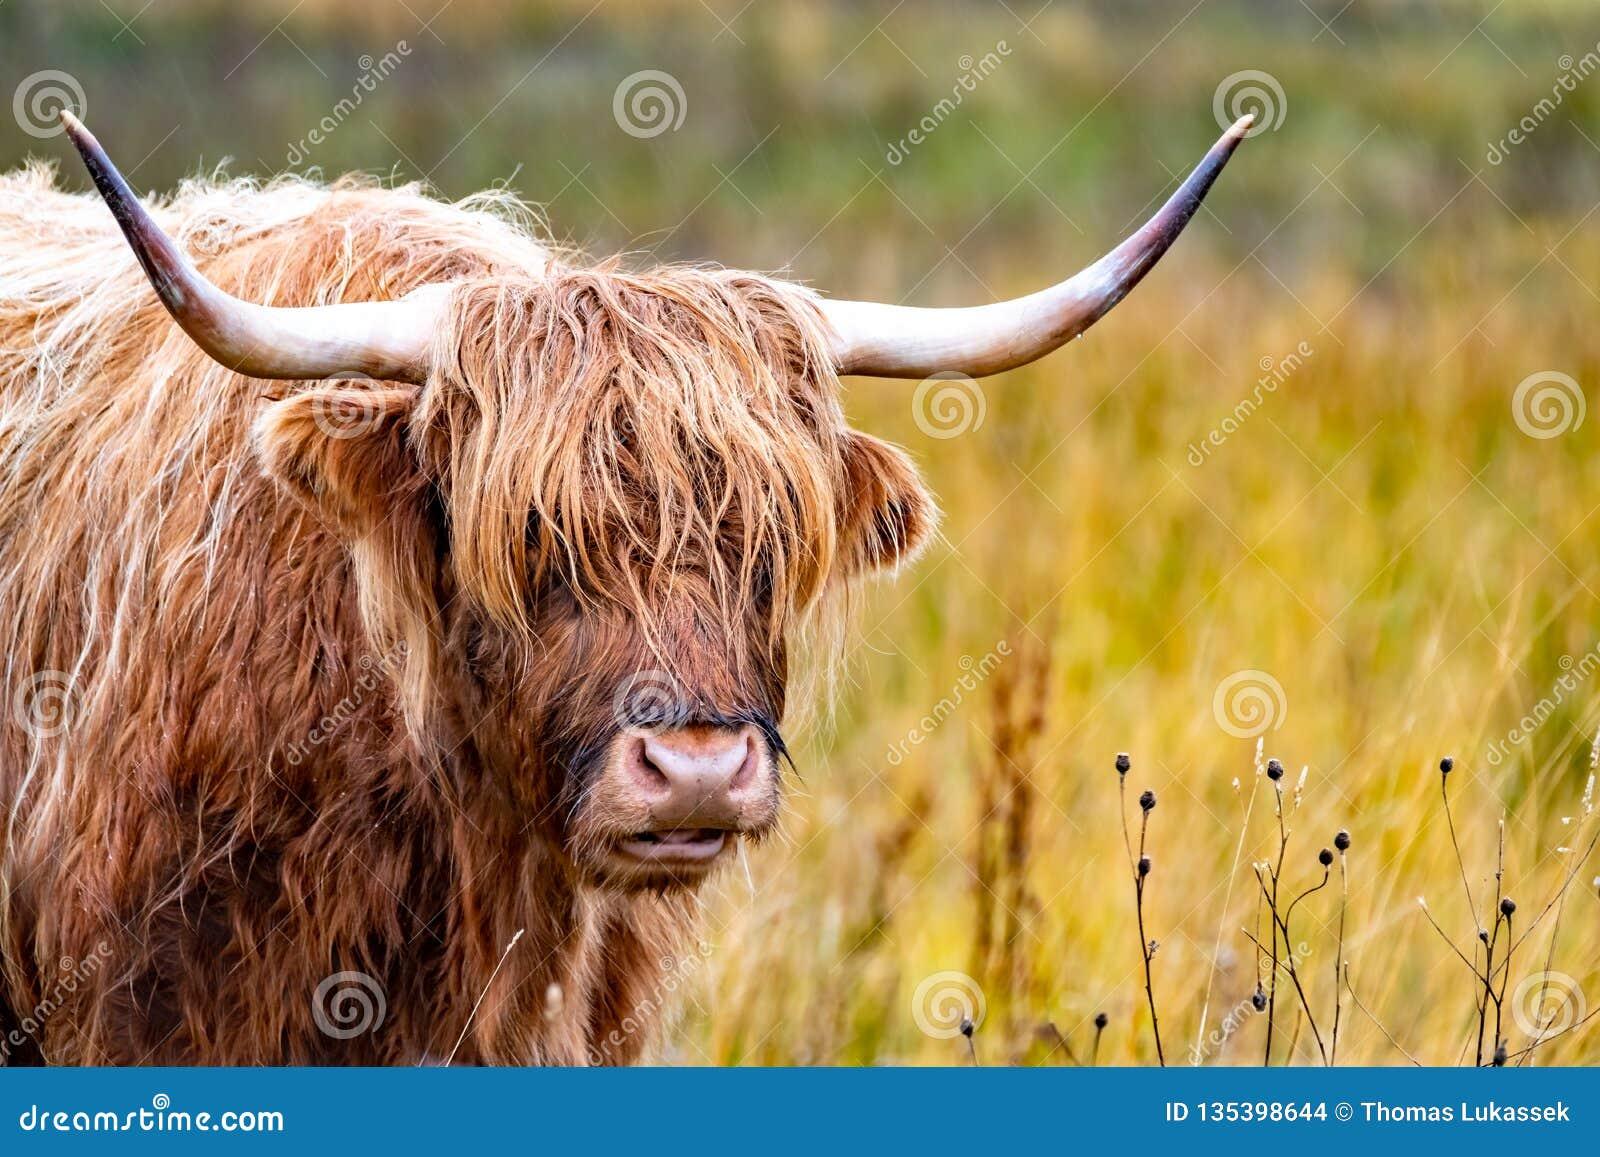 O gado das montanhas - BO Ghaidhealach - Heilan arrulha - uma raça de gado escocesa com os chifres longos característicos e por m